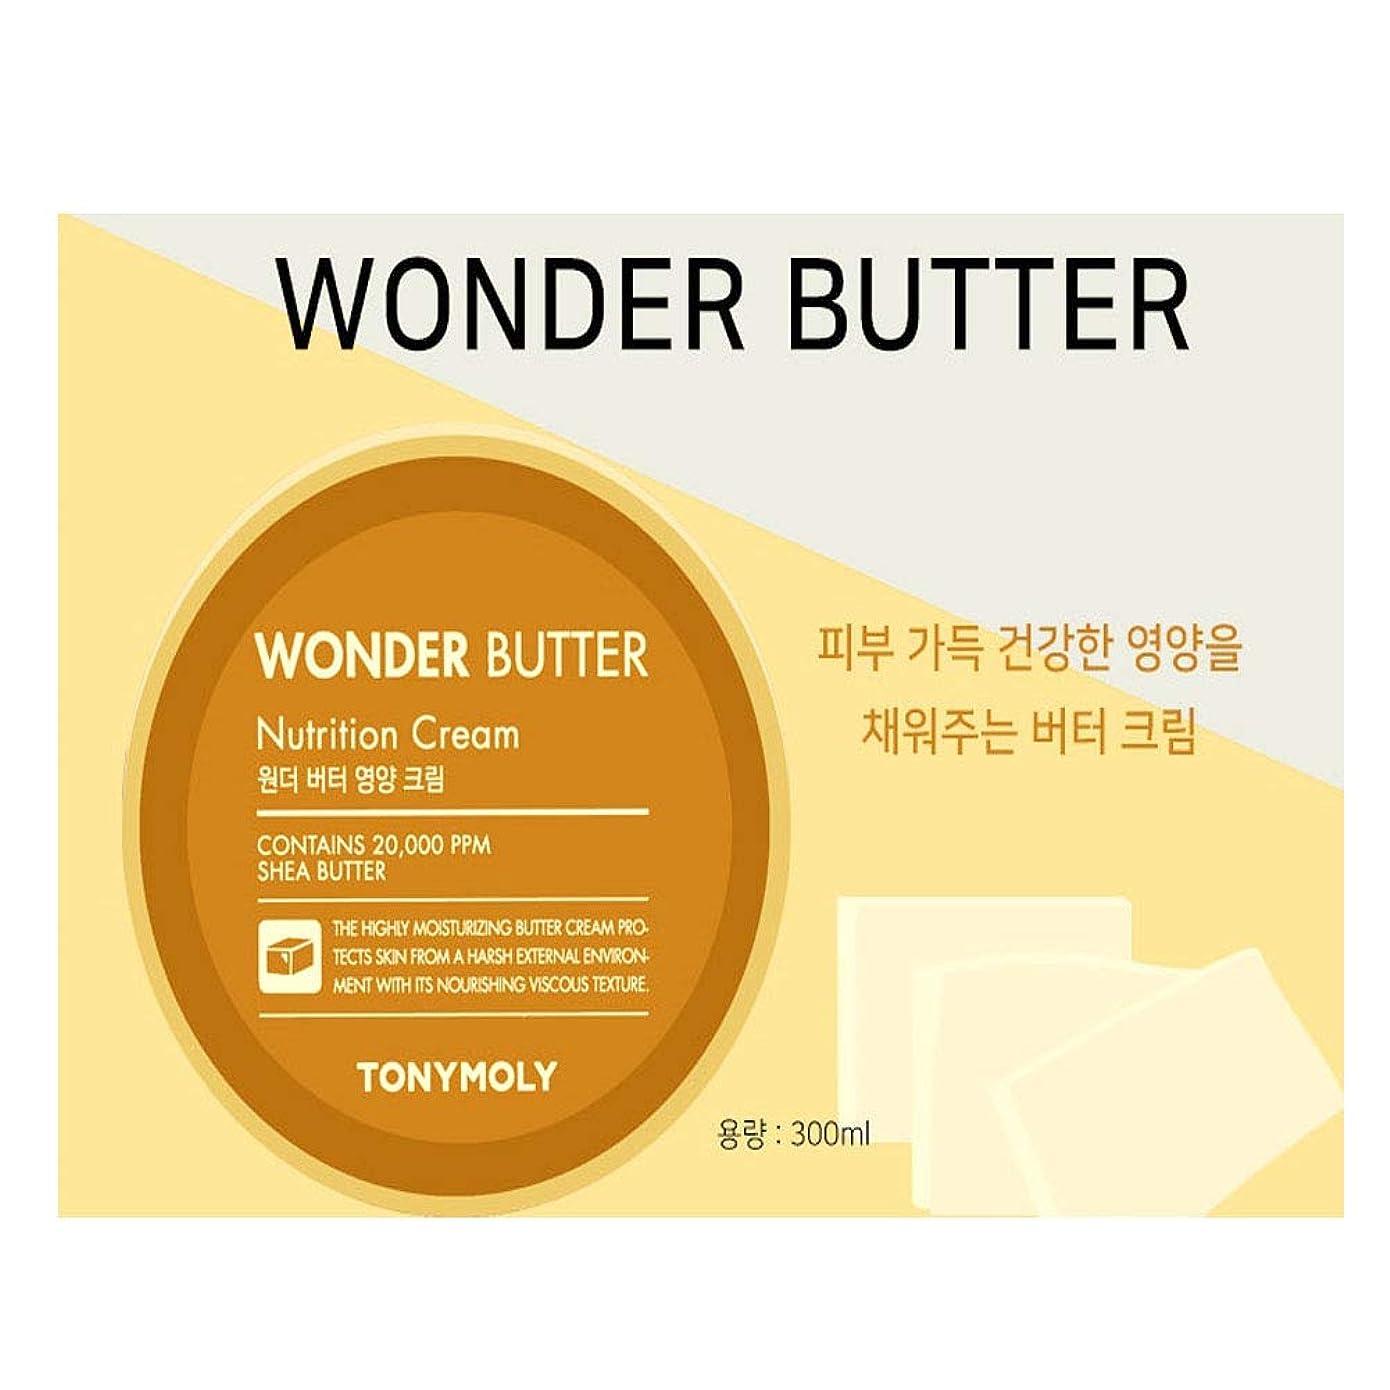 ポット脳最終的にトニーモリーワンダーバター栄養クリーム300ml x 2本セット、Tonymoly Wonder Butter Nutrition Cream 300ml x 2ea Set [並行輸入品]